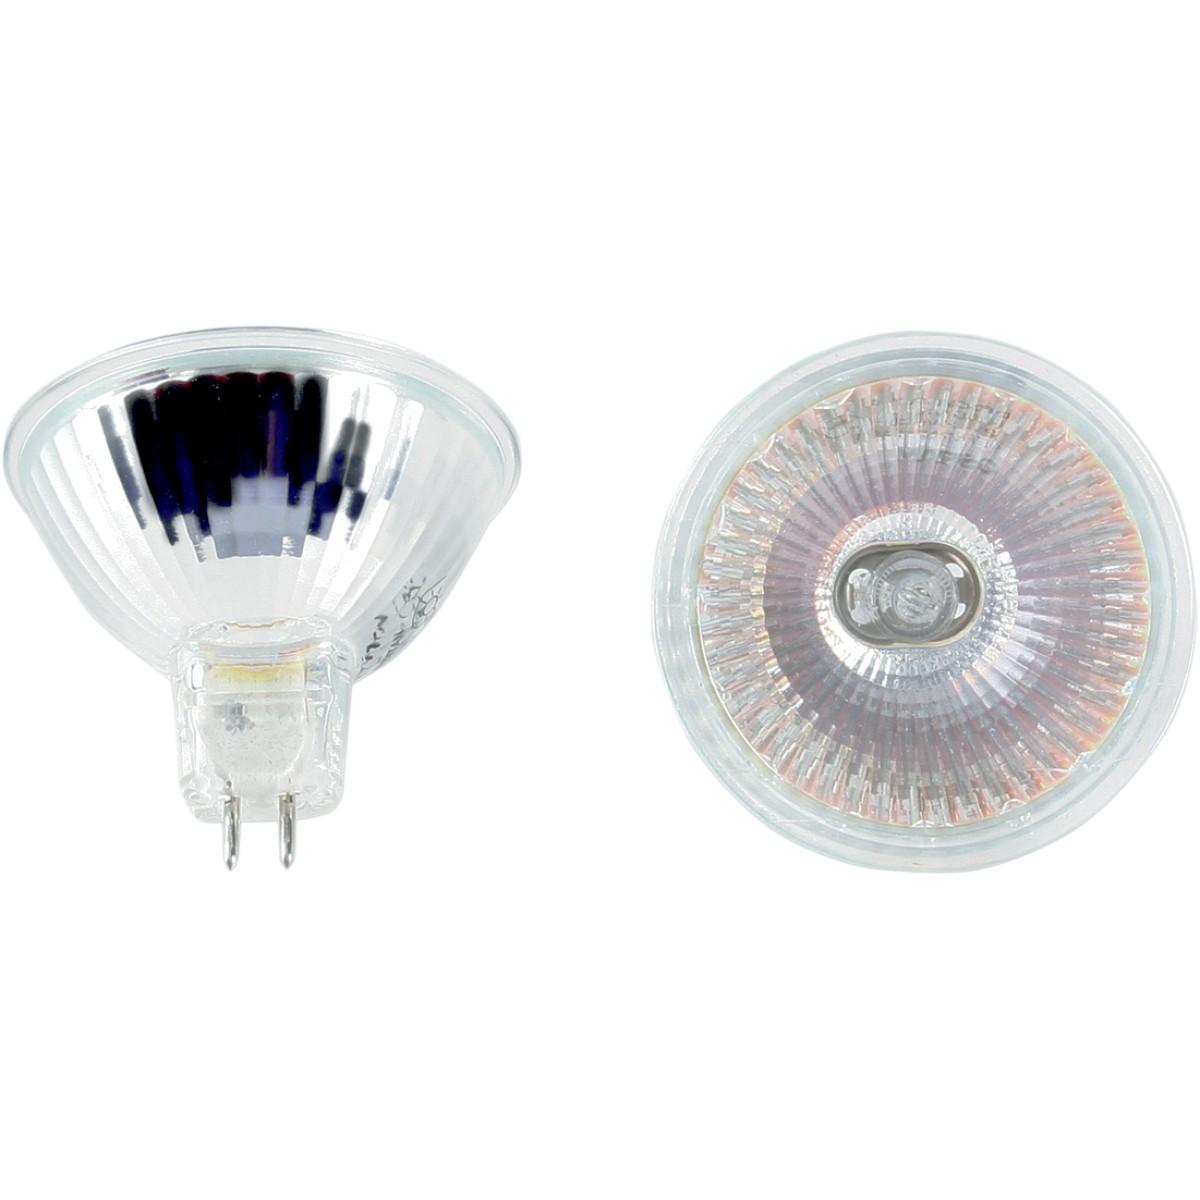 Lampadine alogene di ricambio ufo per portafaro for Lampadine alogene